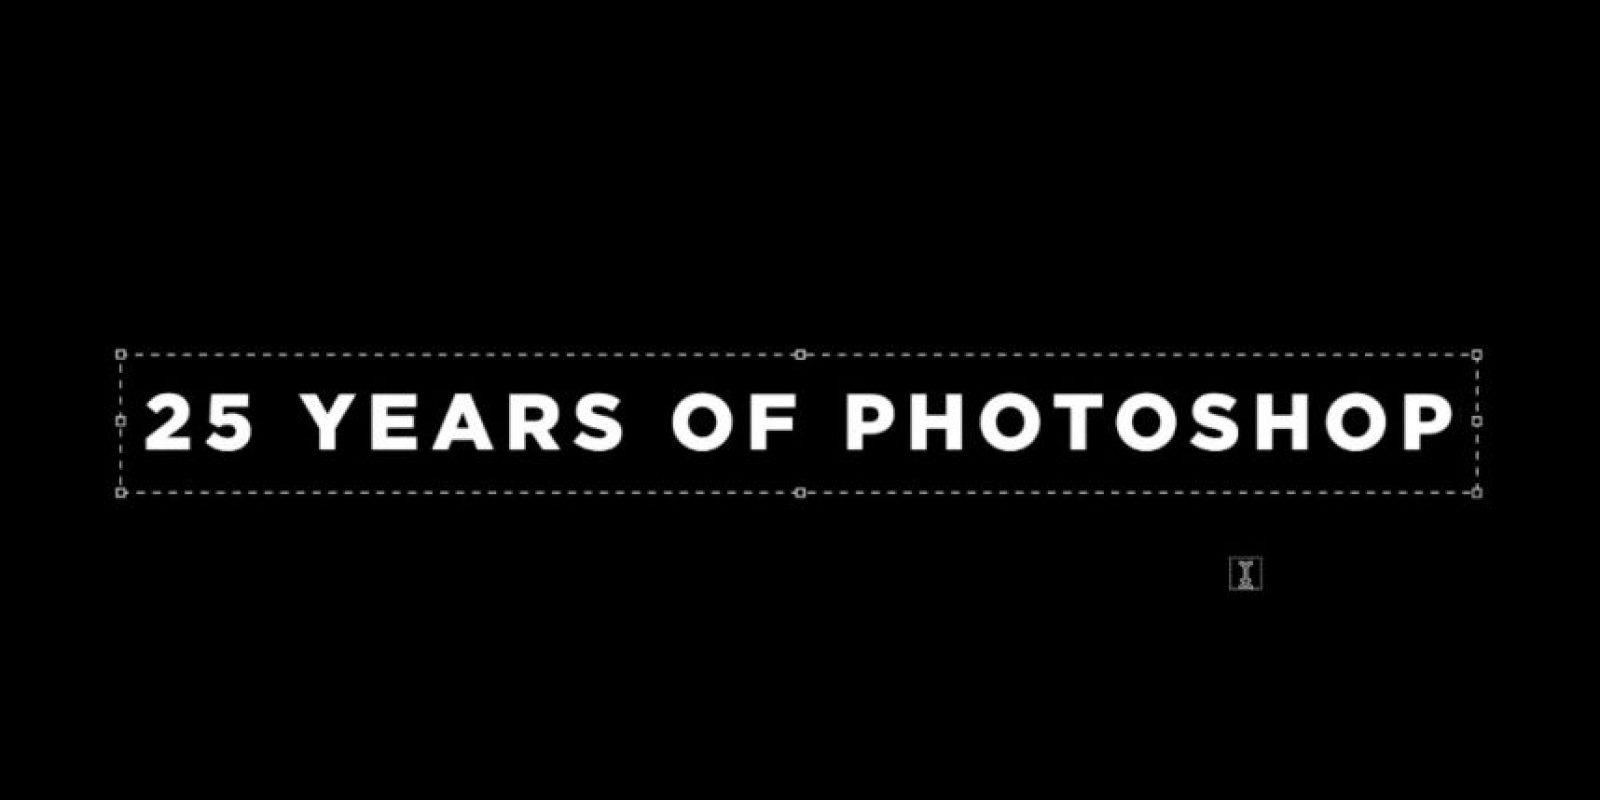 La primera versión de Photoshop salió a la luz el 19 de febrero de 1990. Foto:Adobe